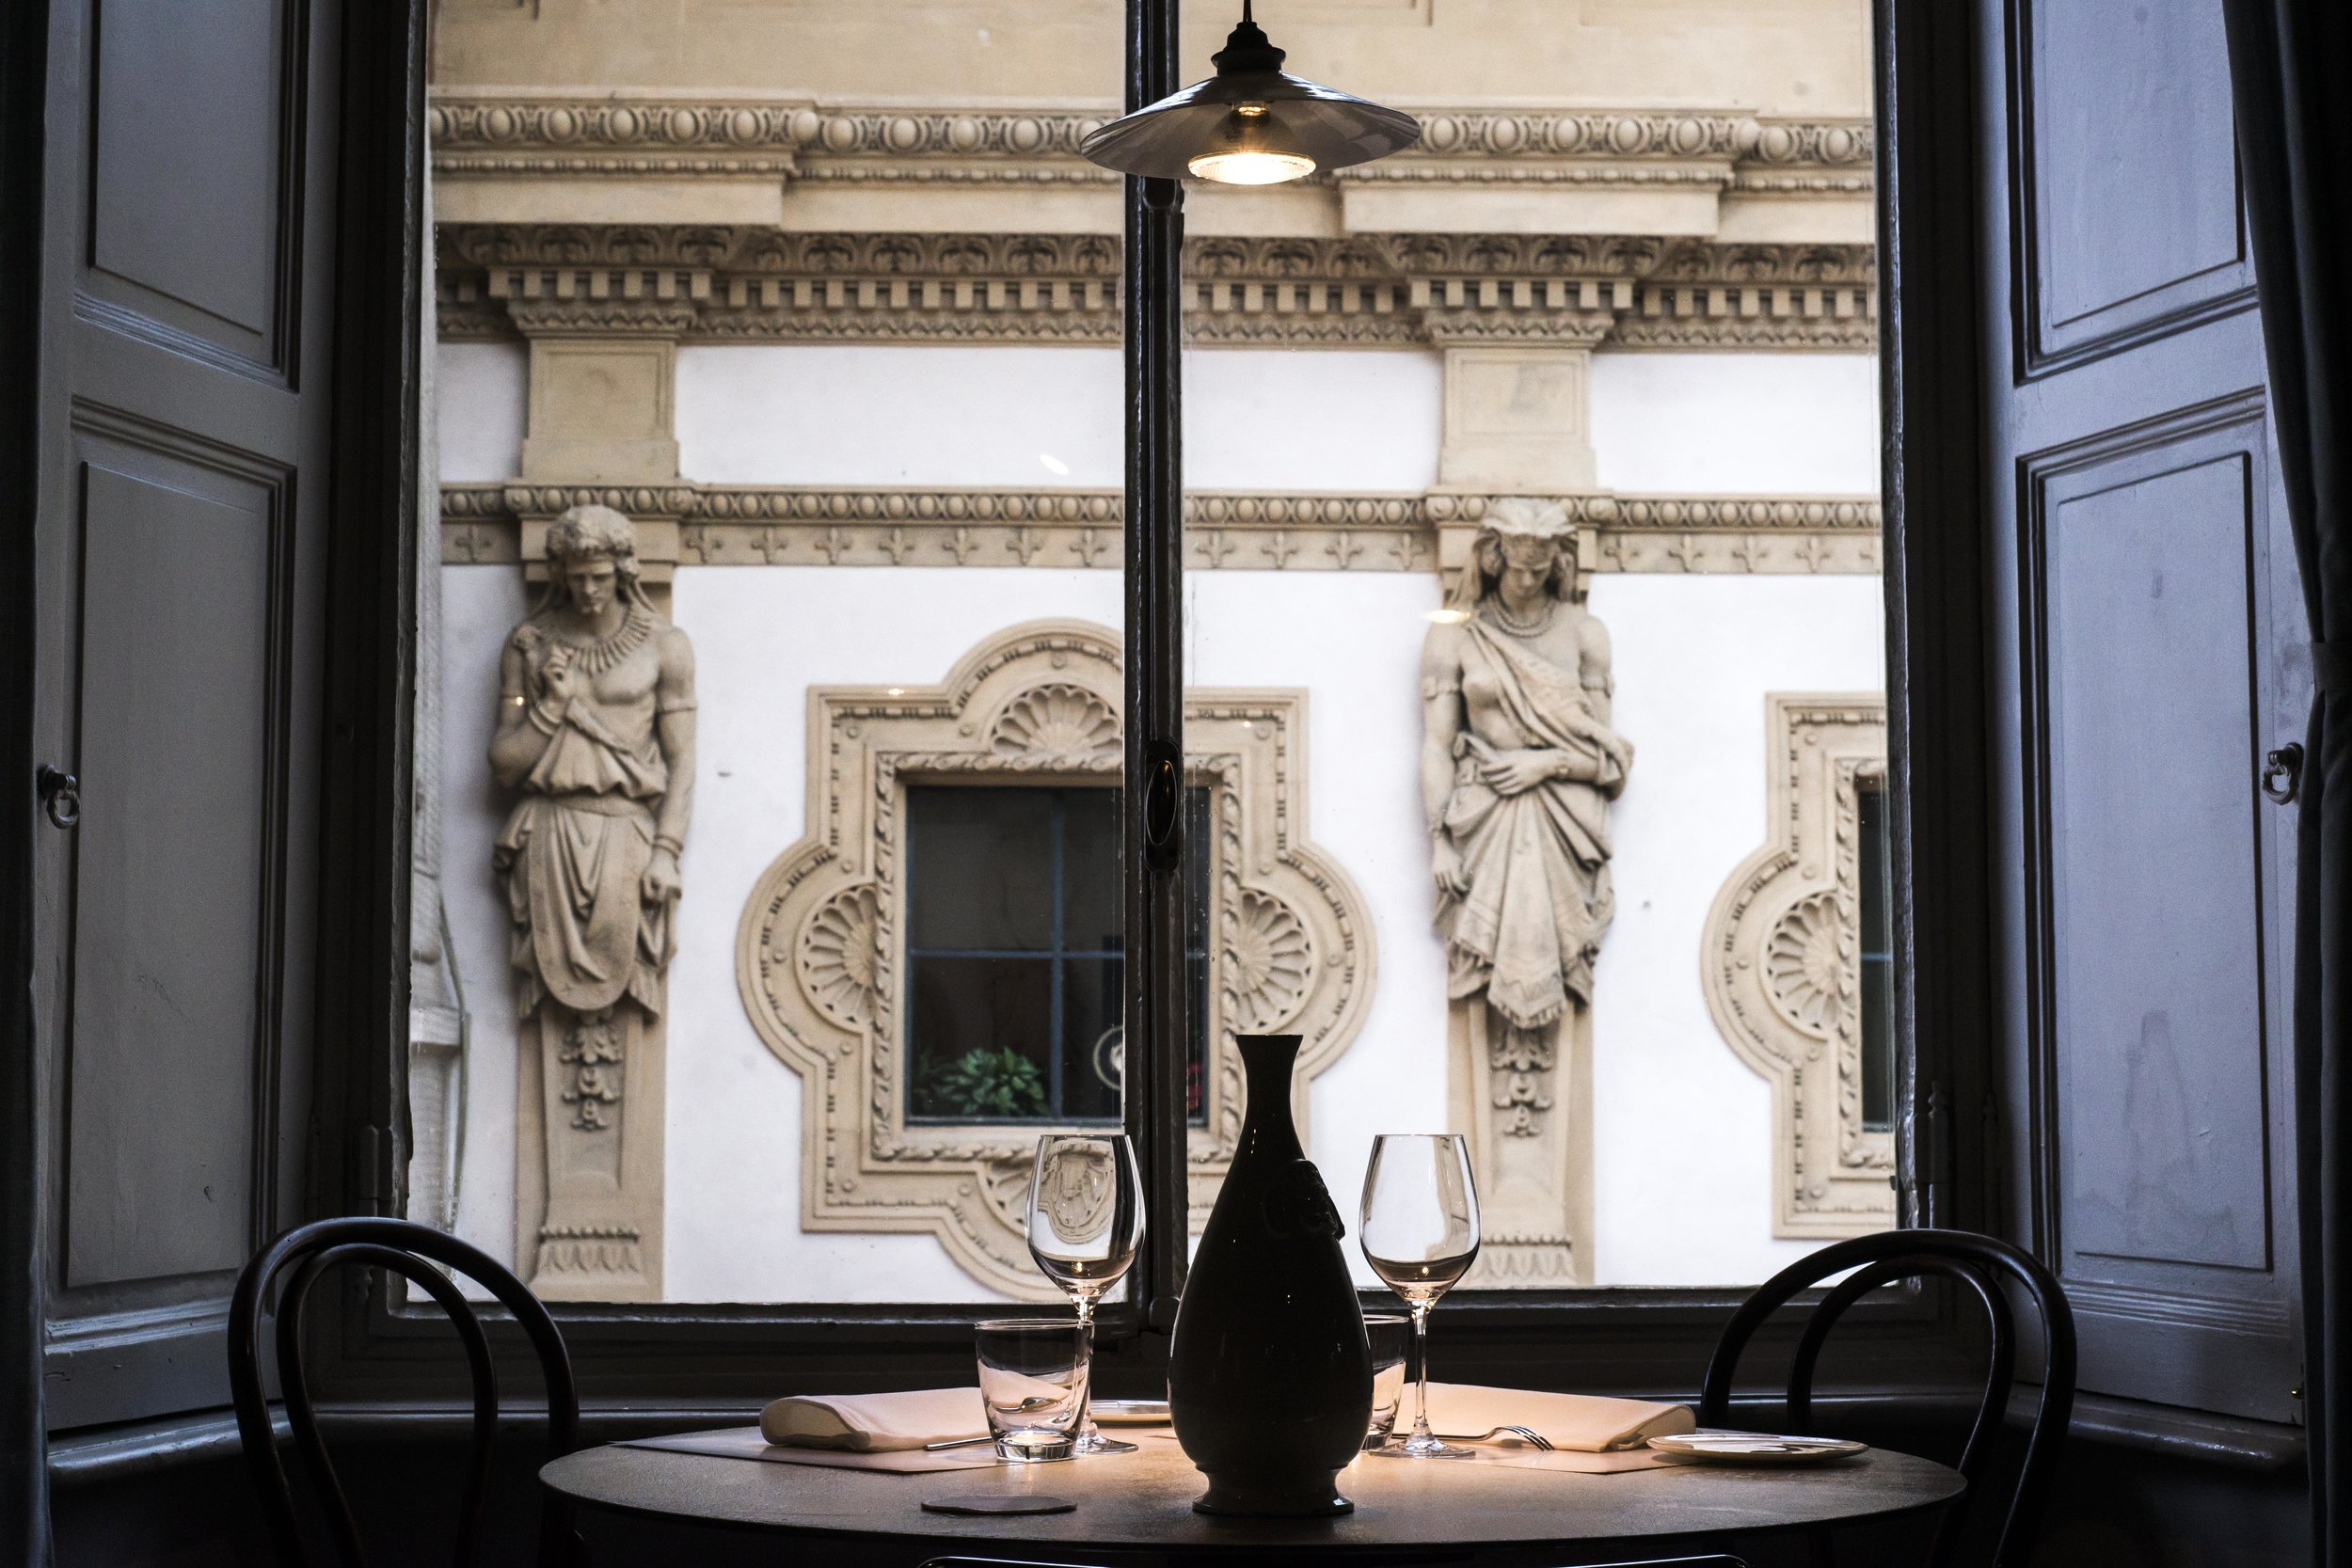 Interiors at Spazio restaurant overlooking the Duomo